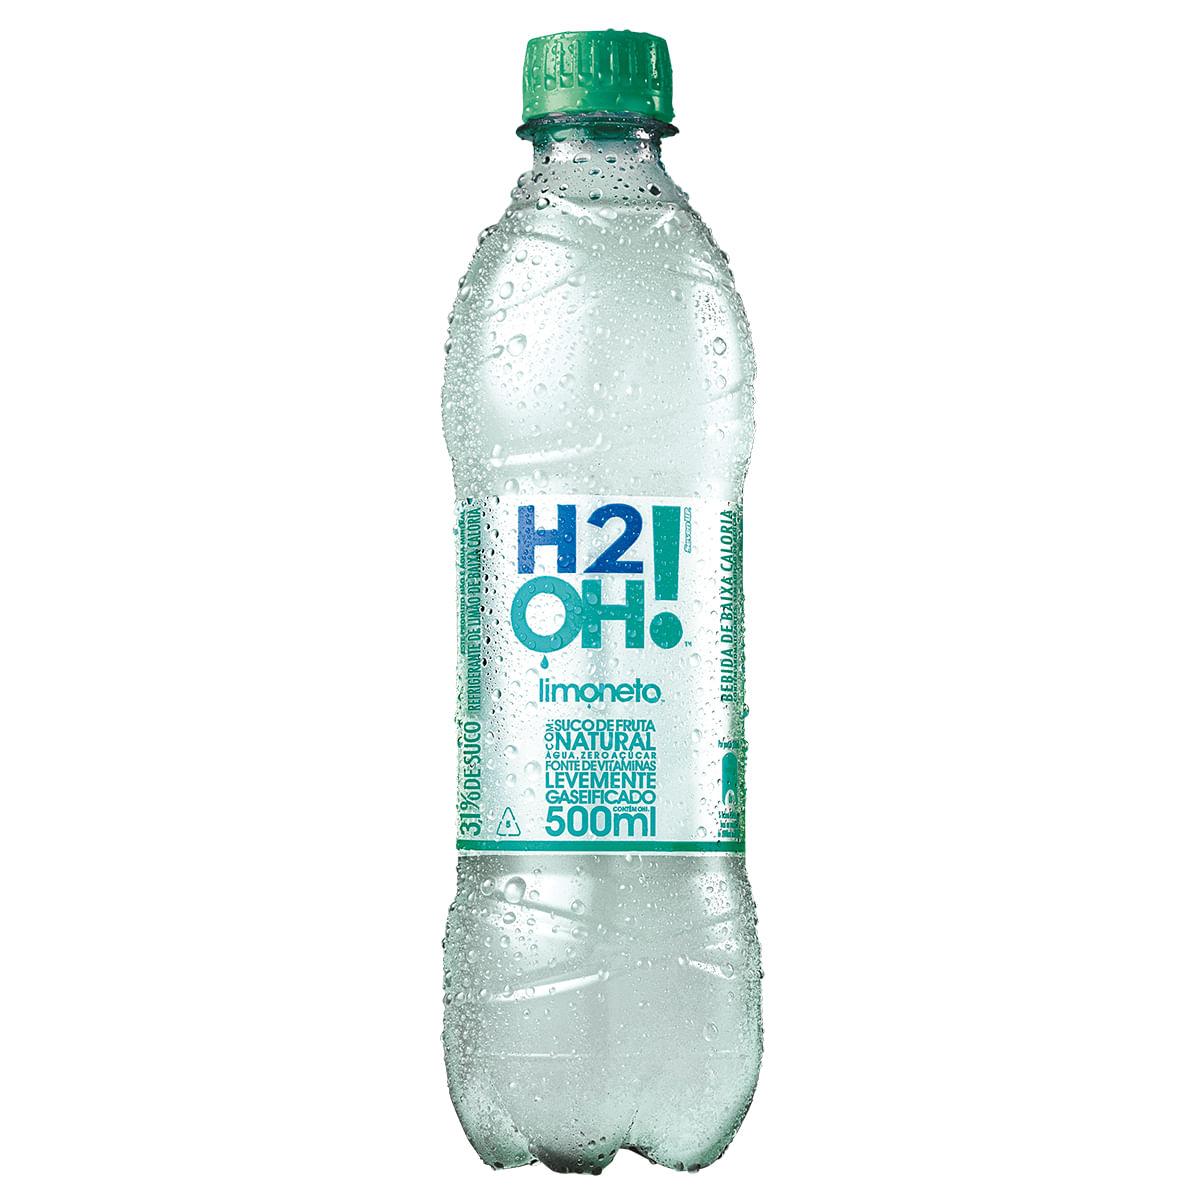 h2o-limoneto